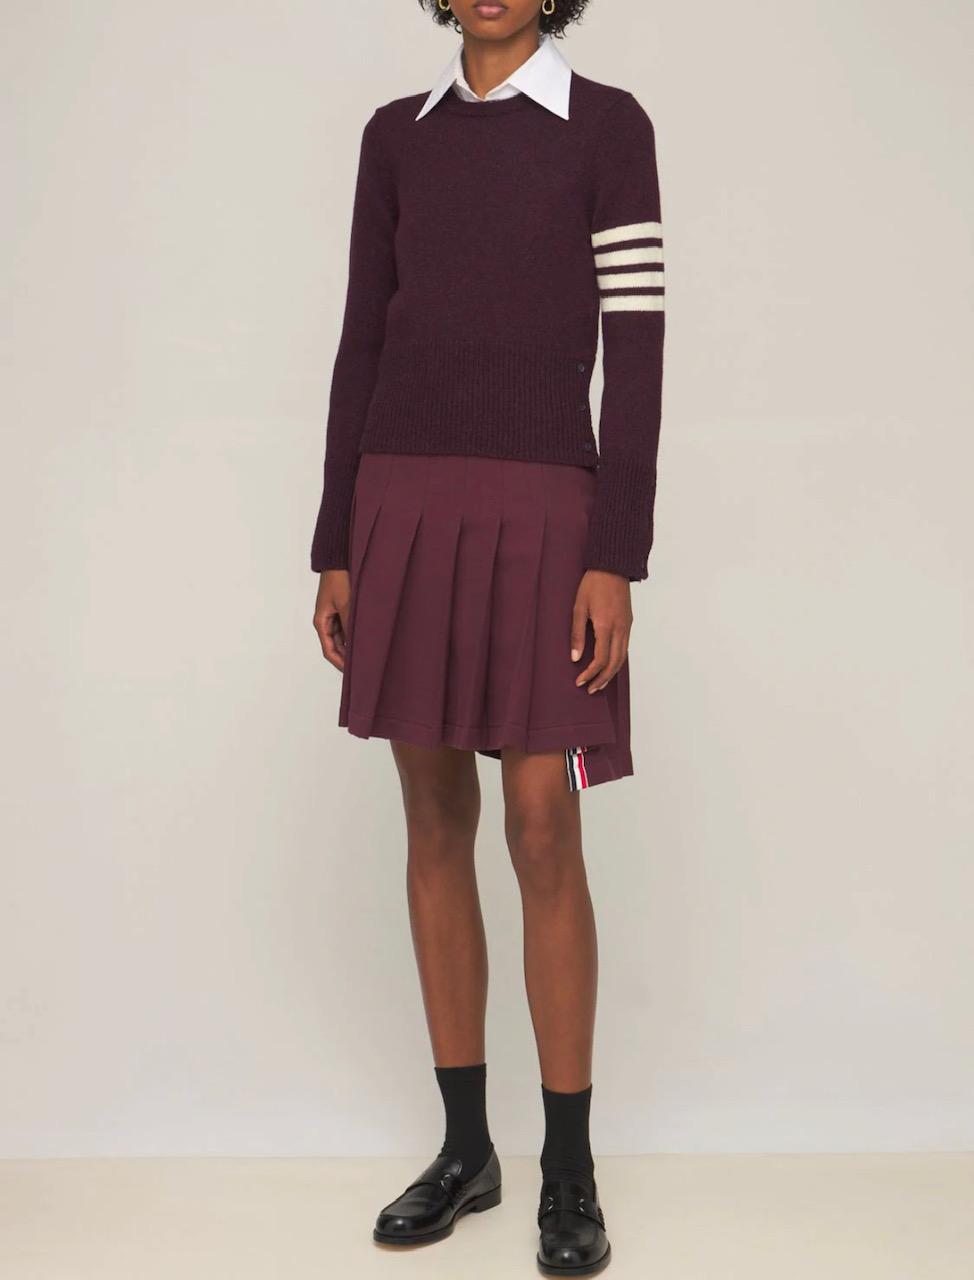 Girl in pleated skirt